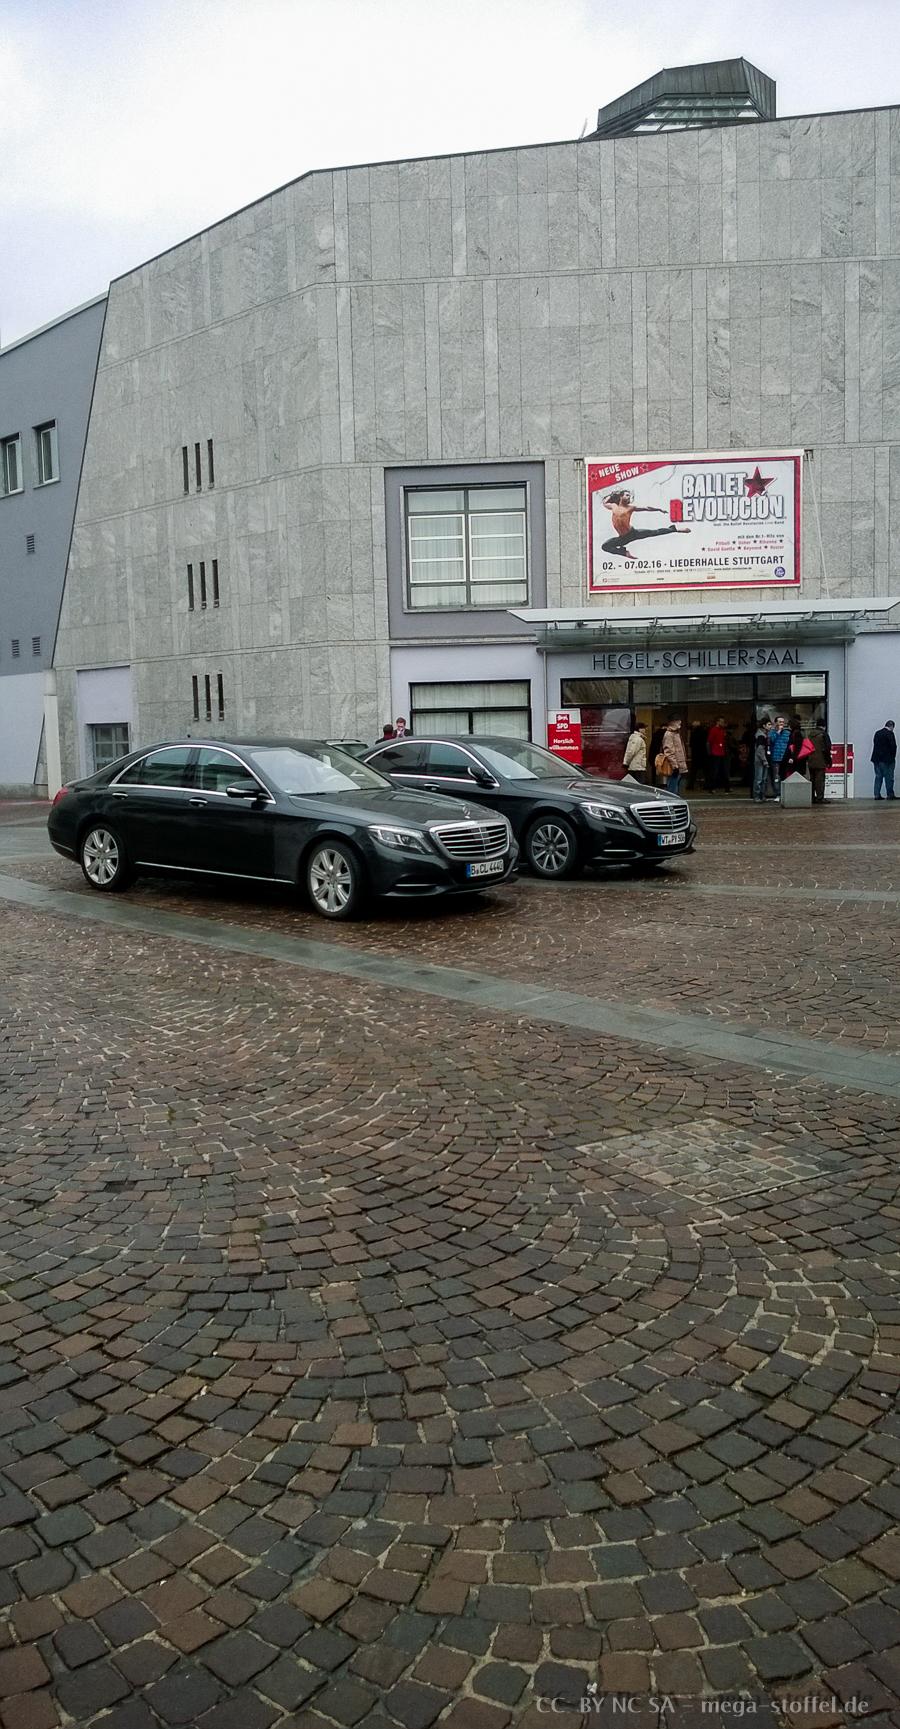 SPD Privat-Parkplatz mitten auf dem Platz